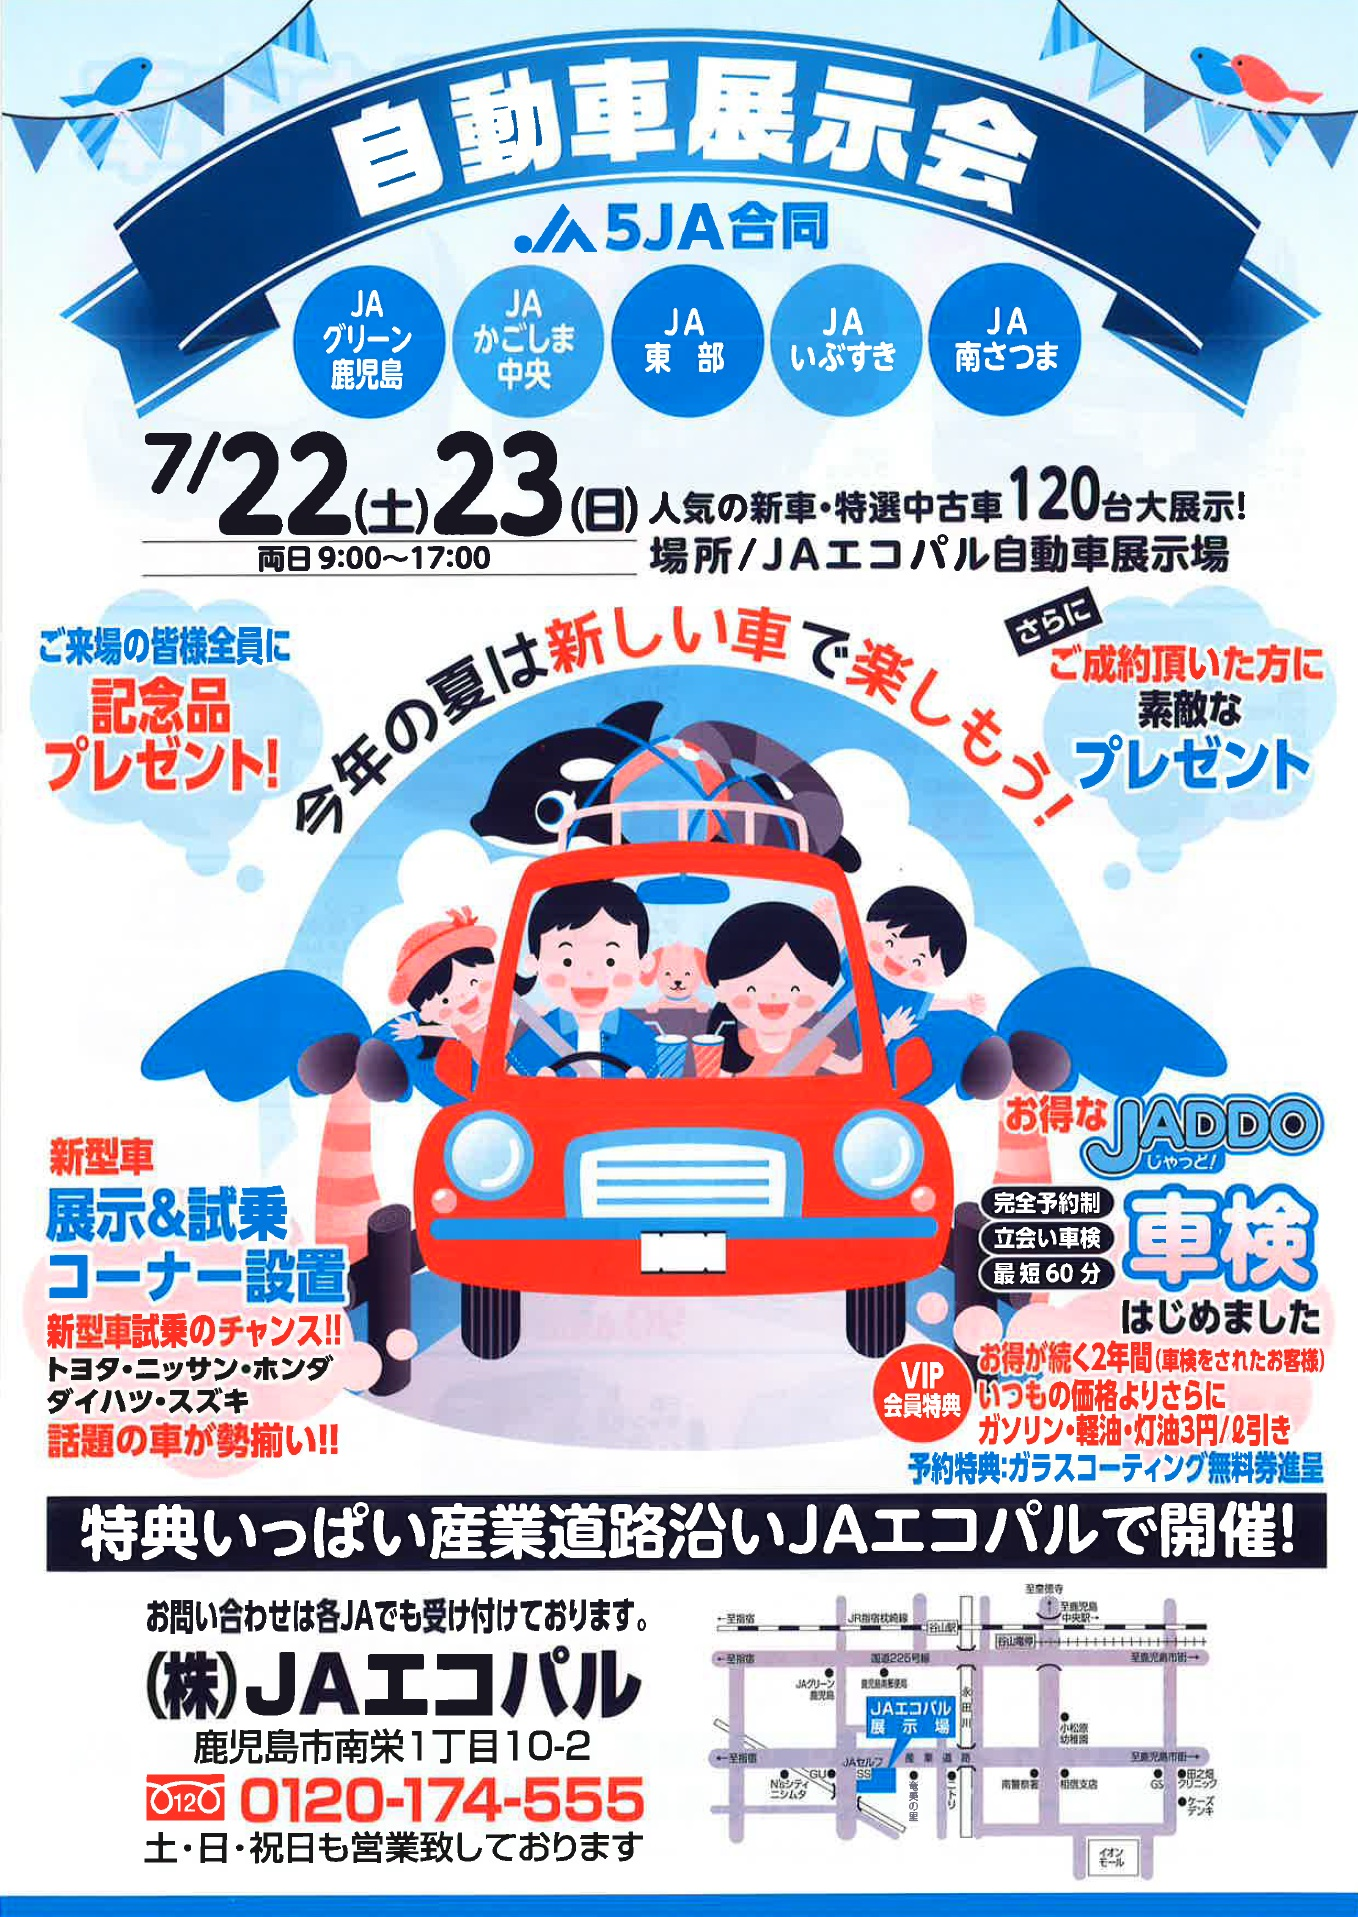 エコパル自動車展示会(表).jpg